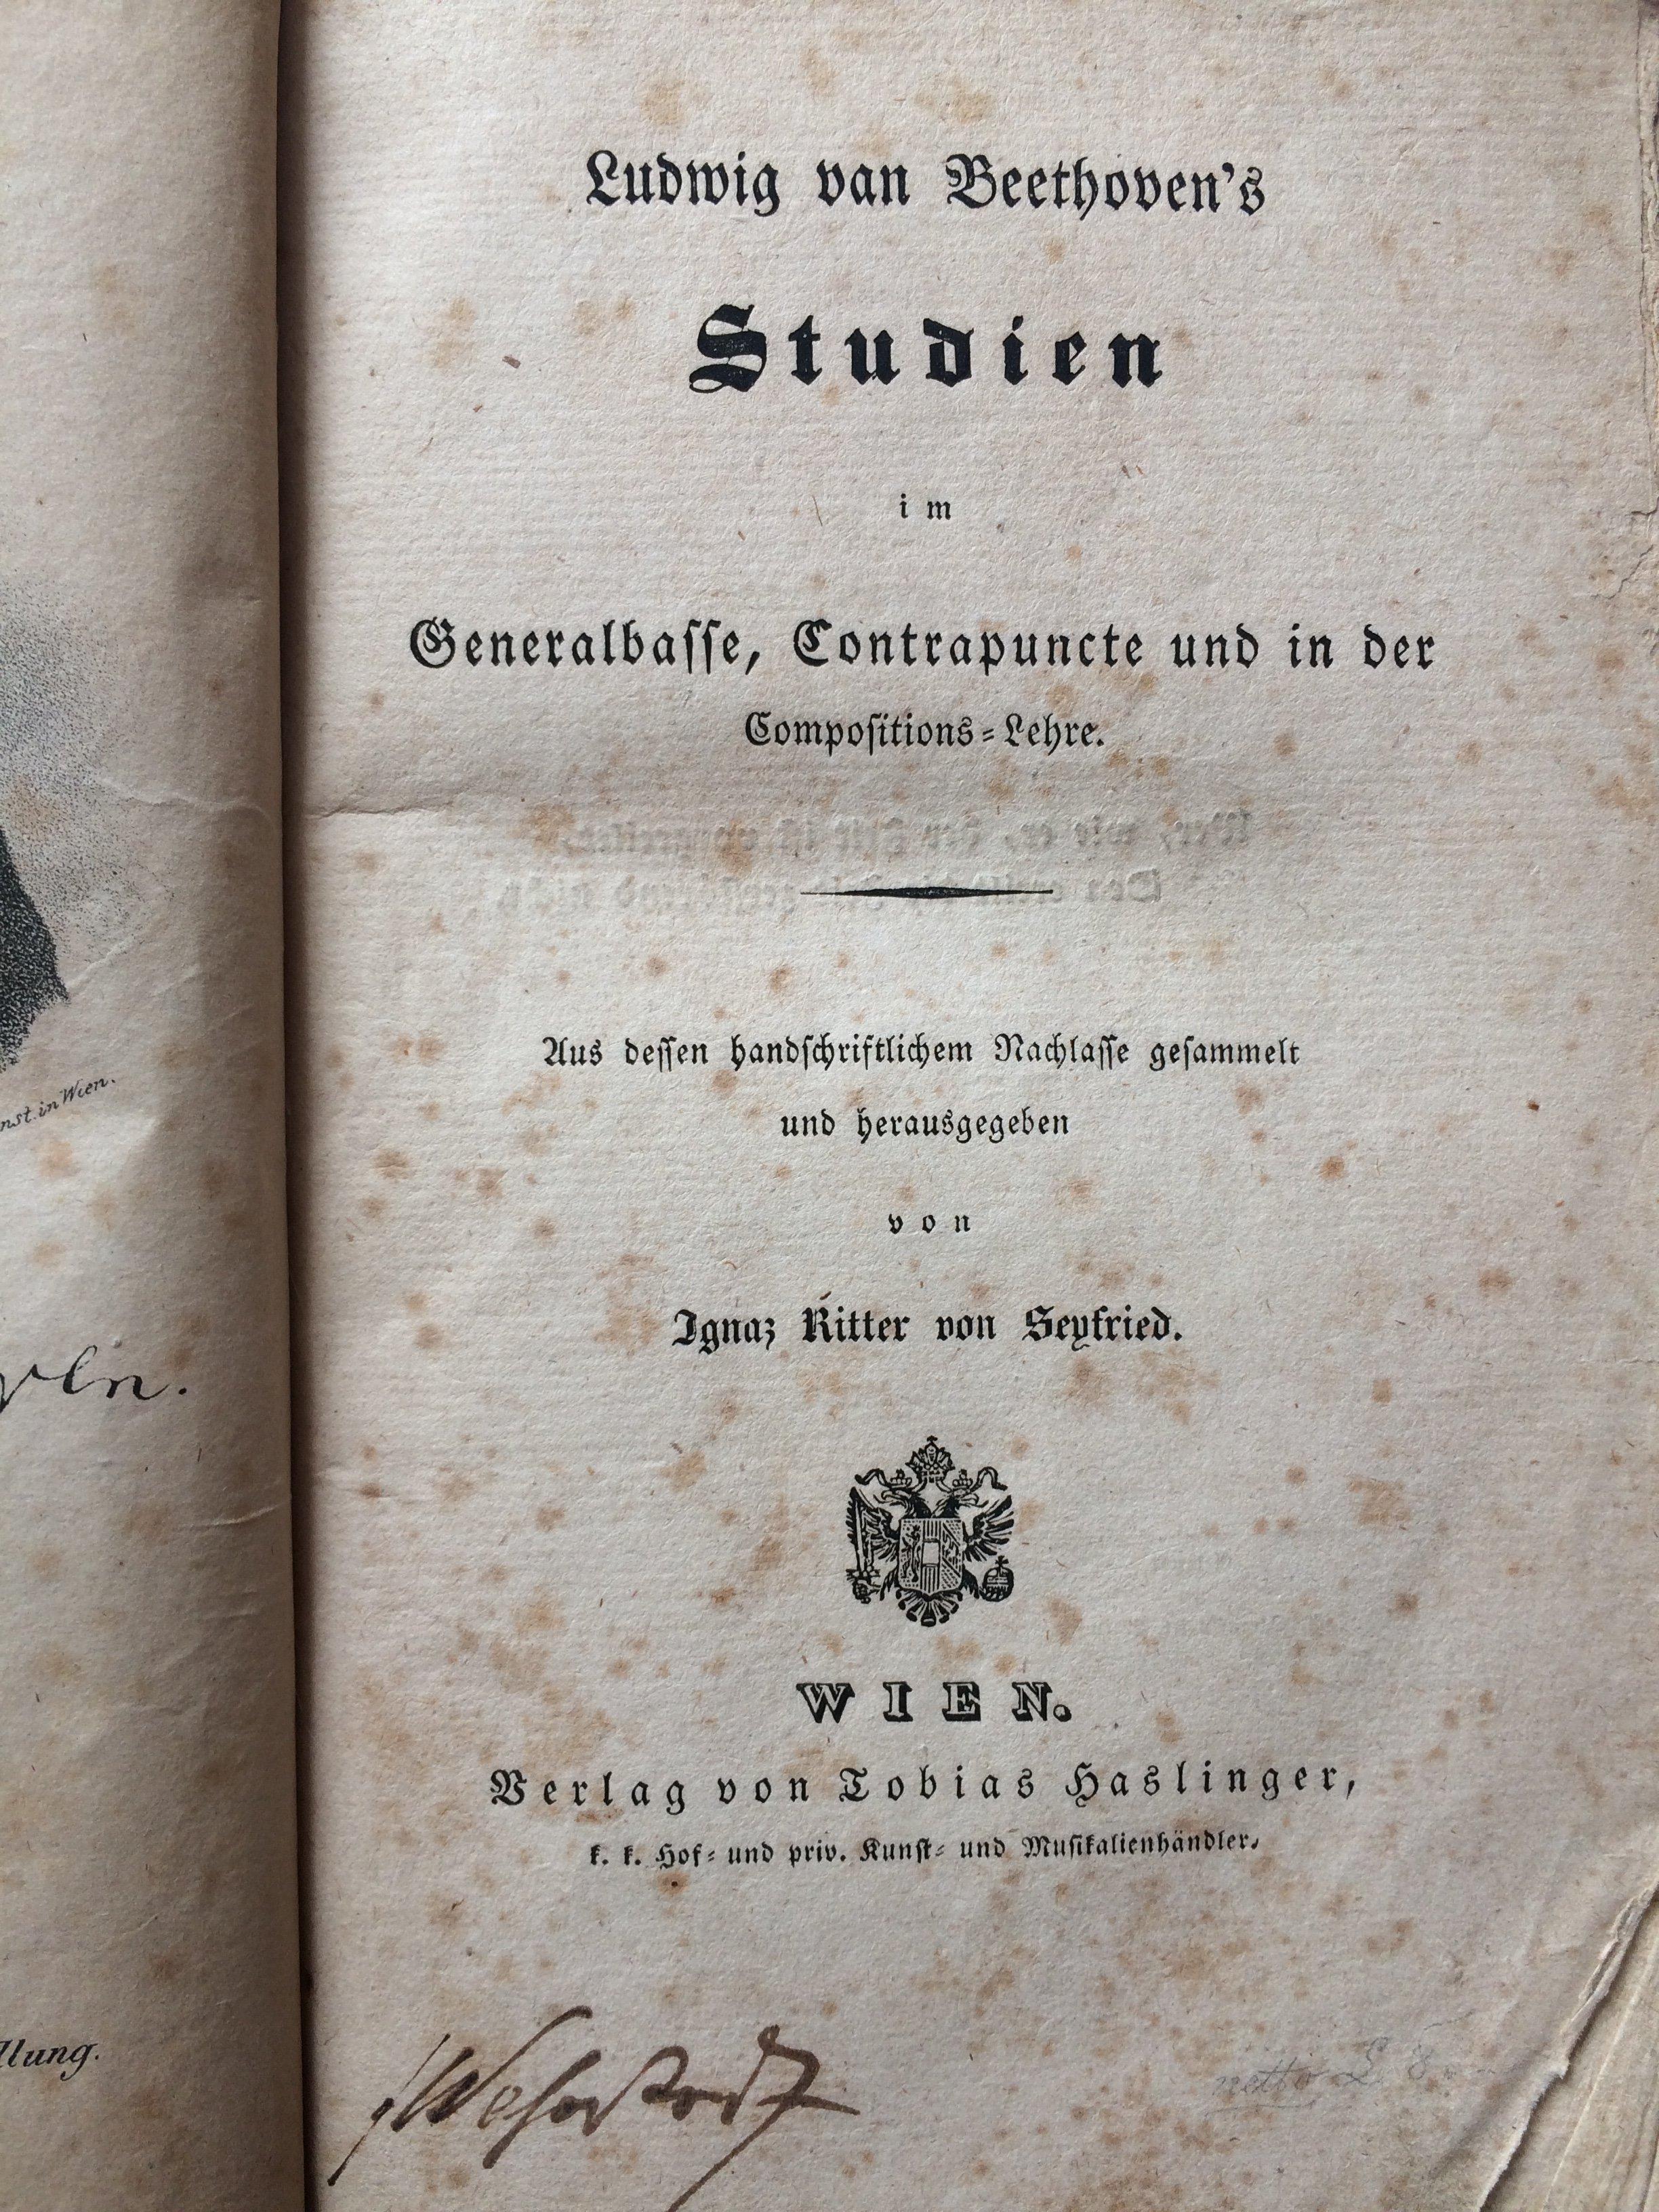 Ludwig van Beethoven's Studien im Generalbasse, Contrapuncte und in der Compositions-Lehre